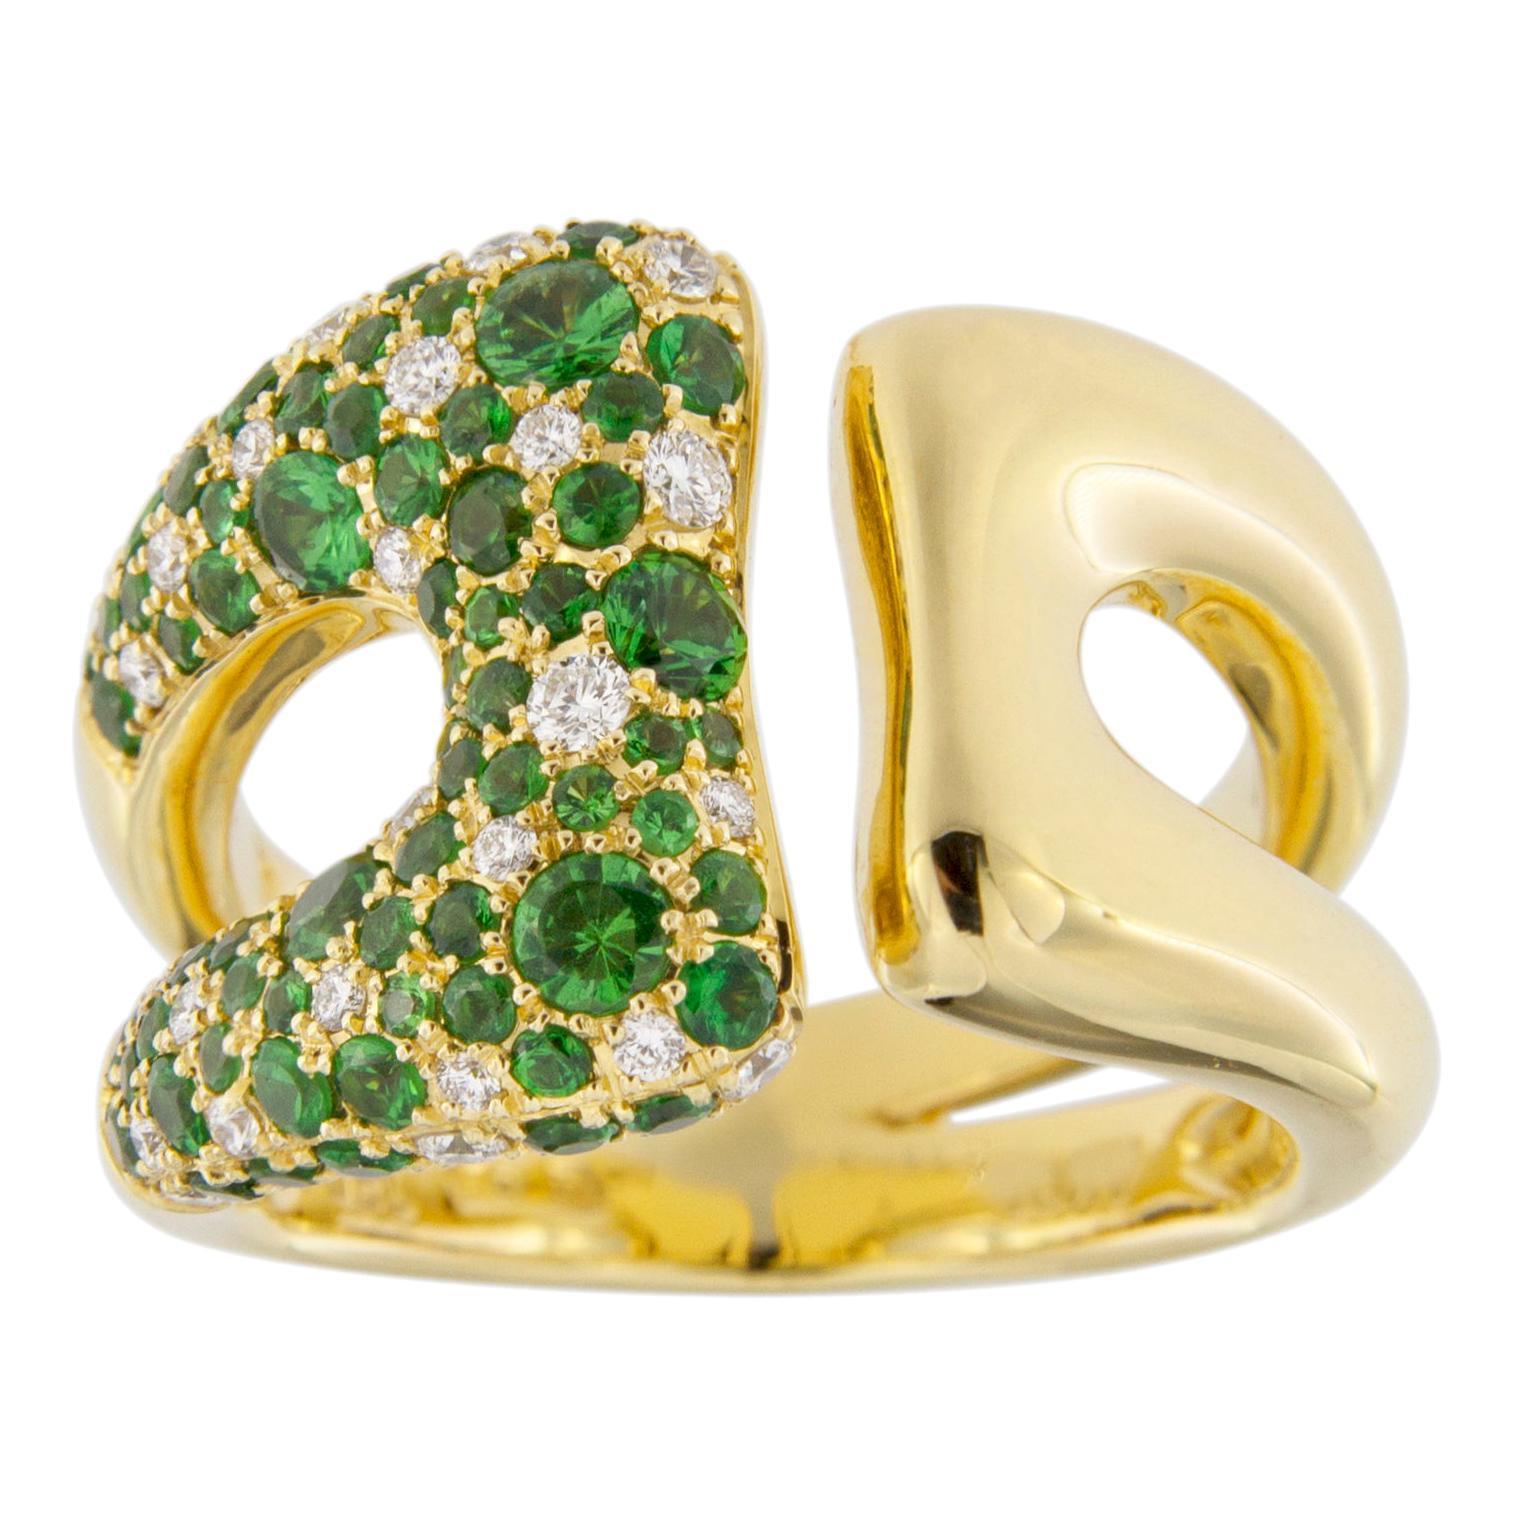 Jona White Diamond Tsavorite 18 Karat Yellow Gold Open Band Ring